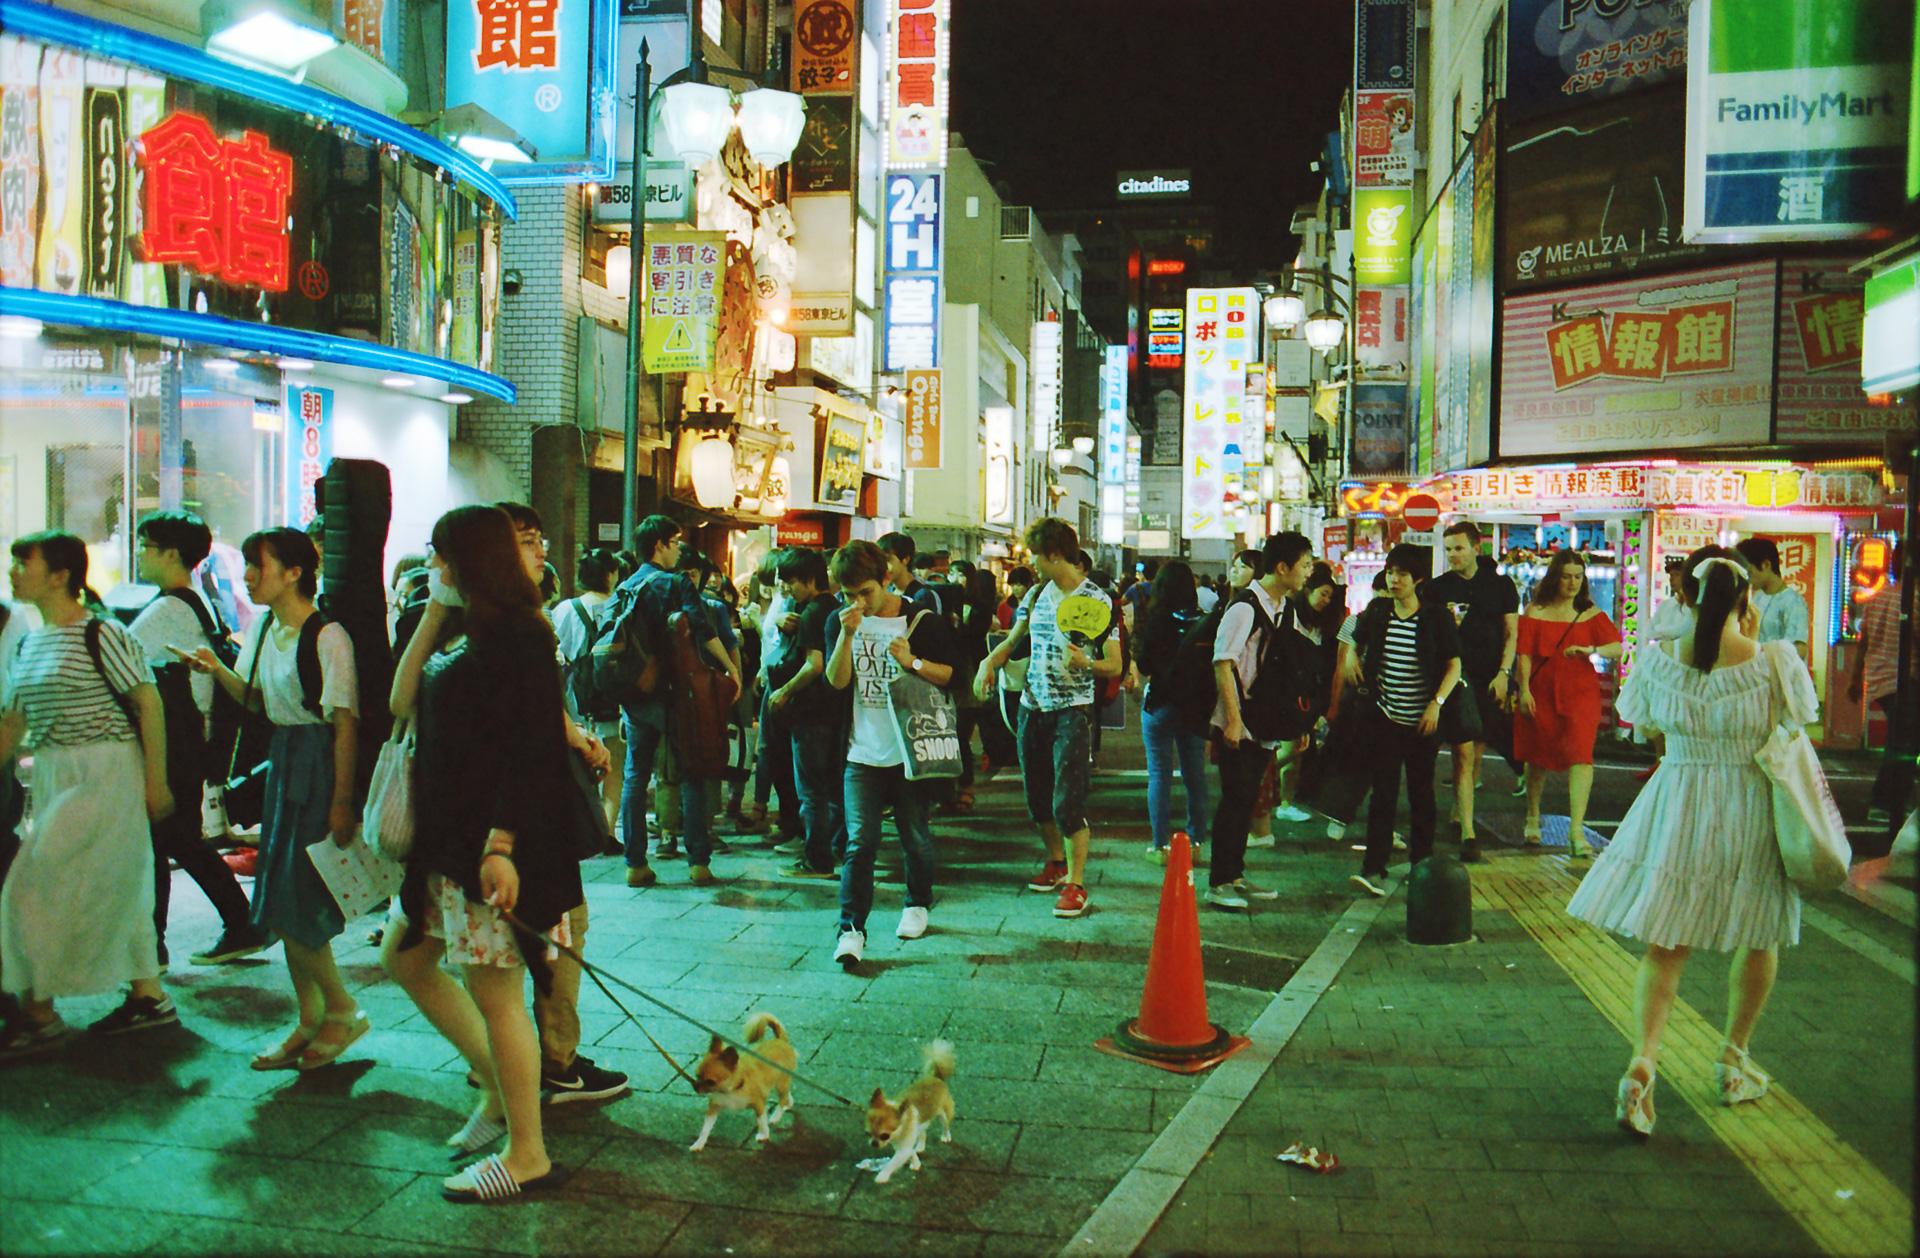 歌舞伎町 道路 Canon EOS-1, EF 28mm F1.8 USM, Lomography 800